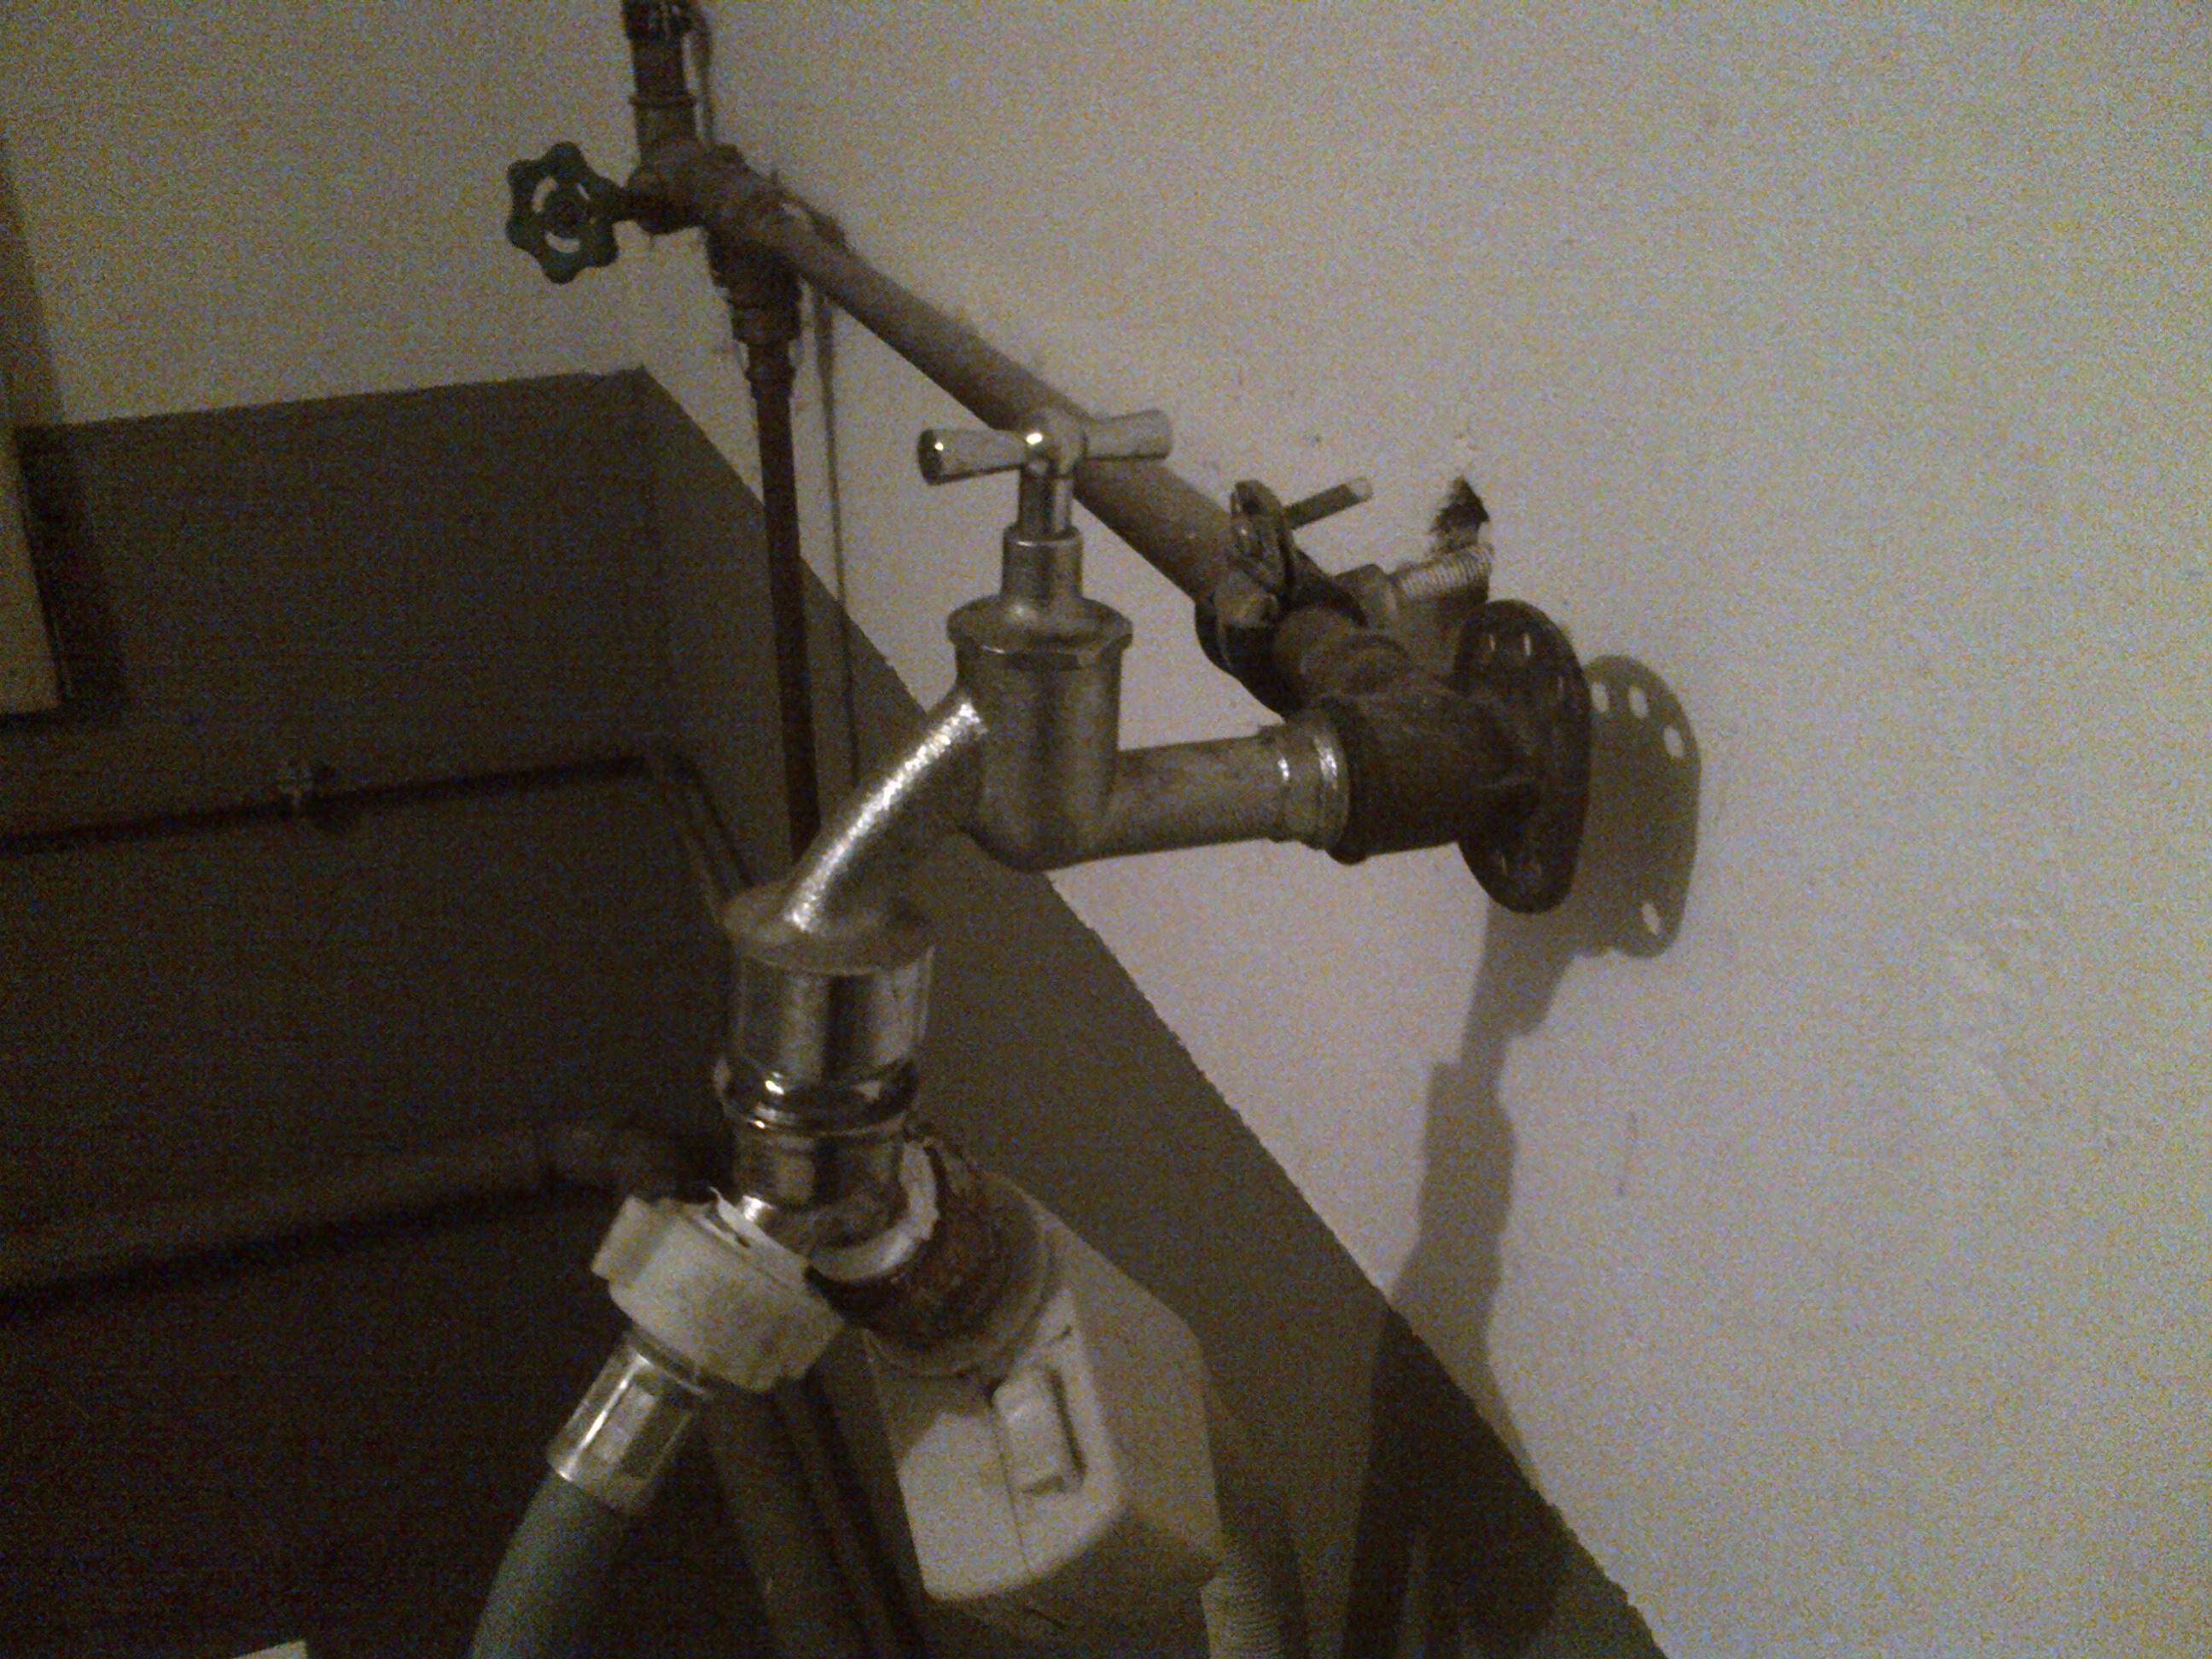 wasserhahn schraube berdreht wasser waschmaschine. Black Bedroom Furniture Sets. Home Design Ideas